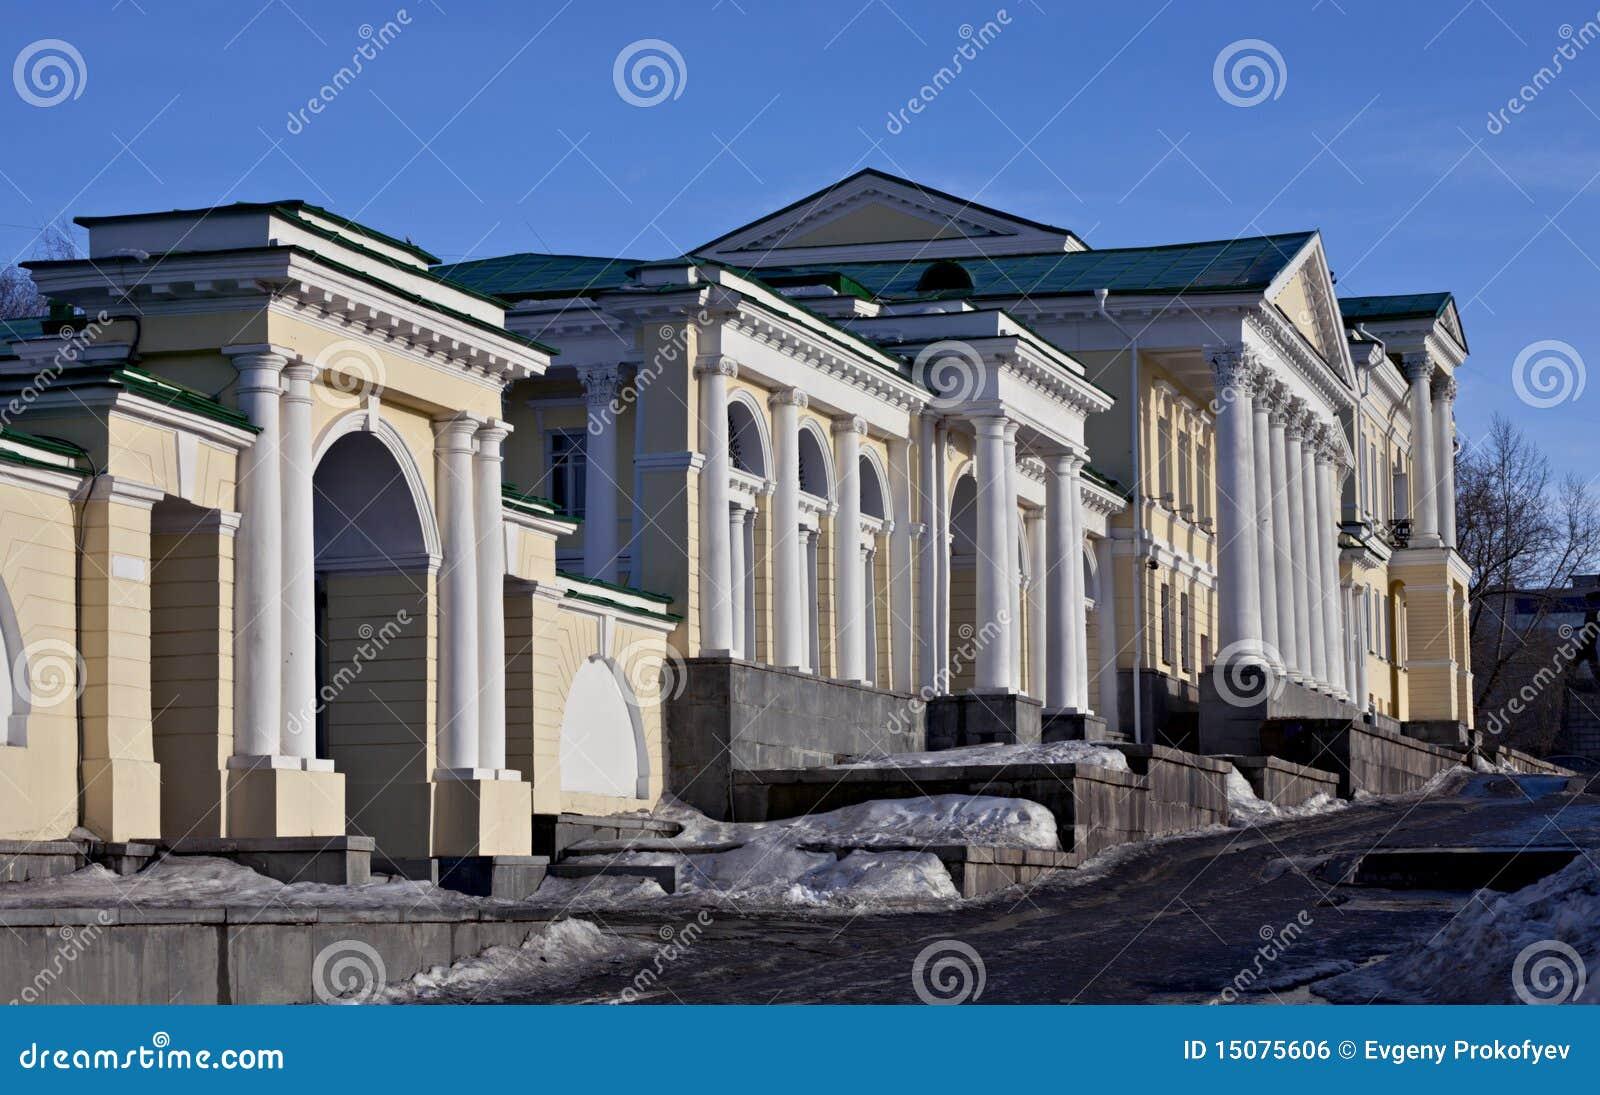 lo que significa ser onironauta Edificio-con-las-columnas-romanas-15075606